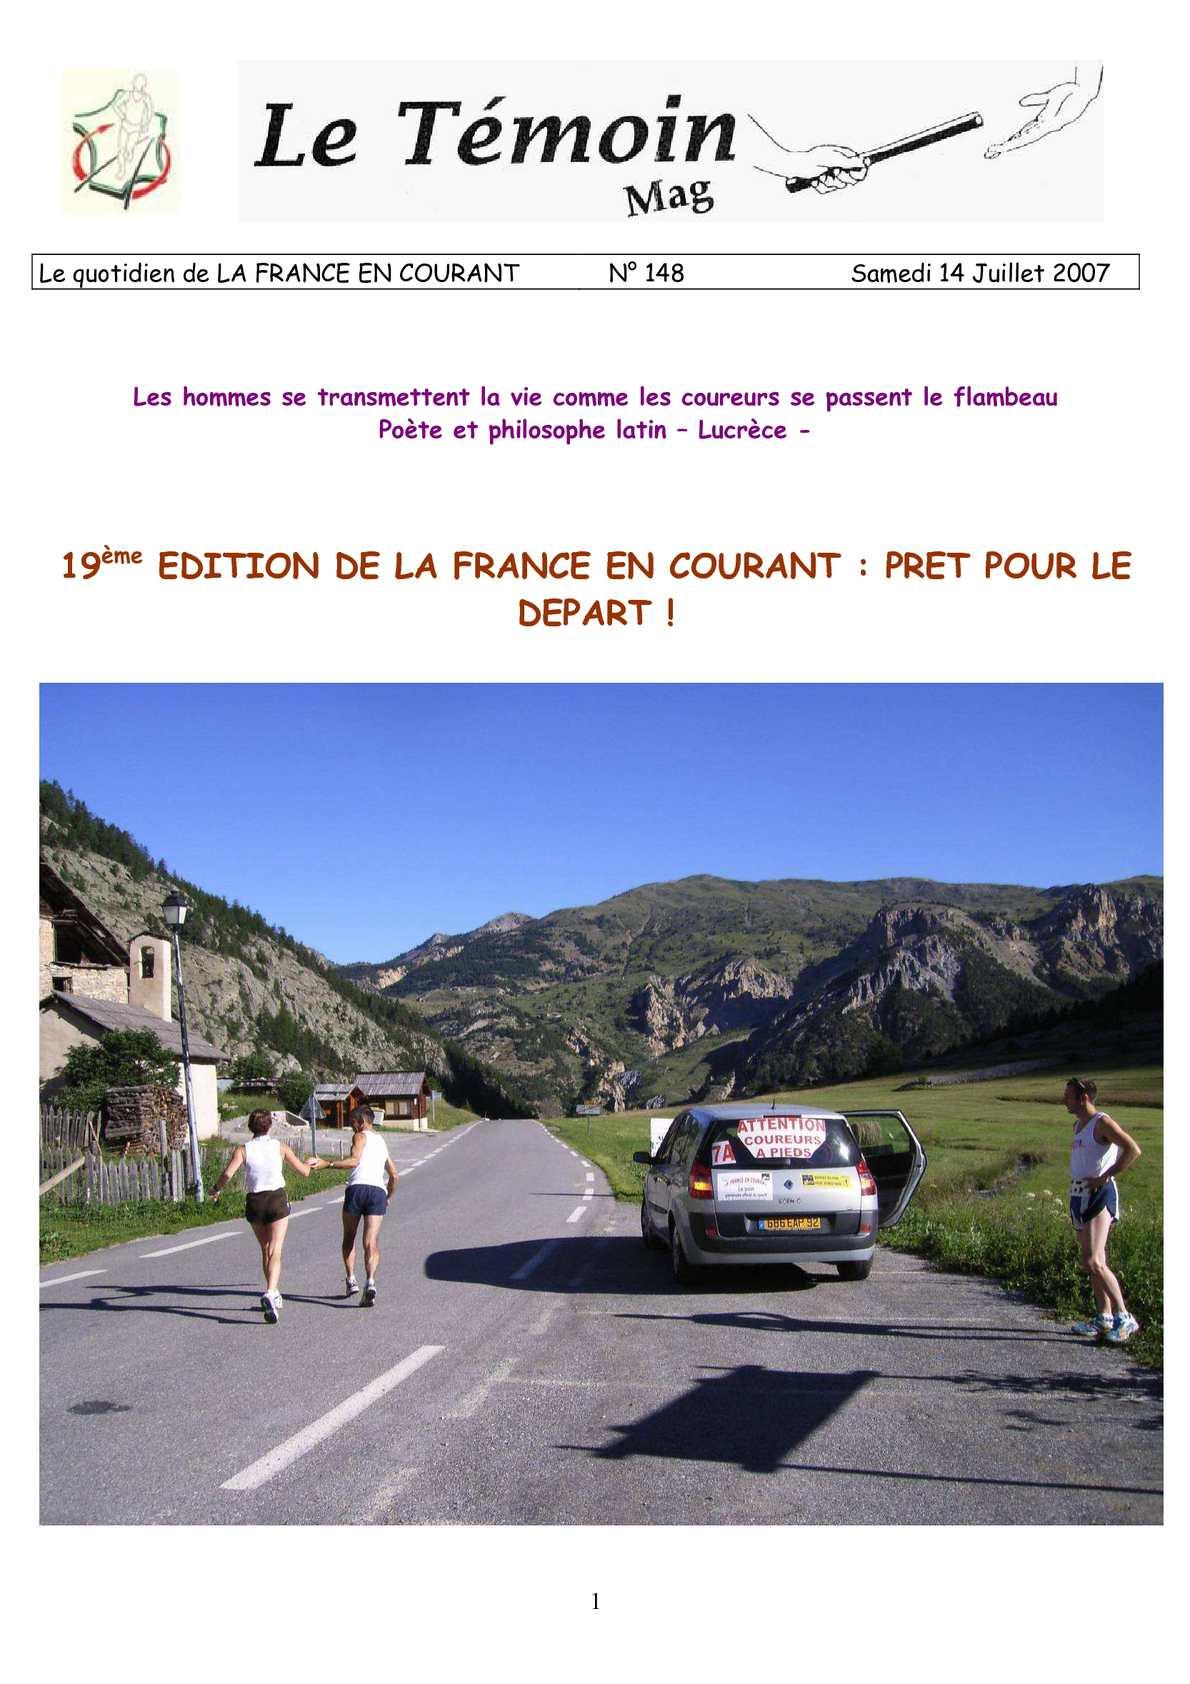 Michel Courvallet La Barre En Ouche intérieur calaméo - témoins fec 2007